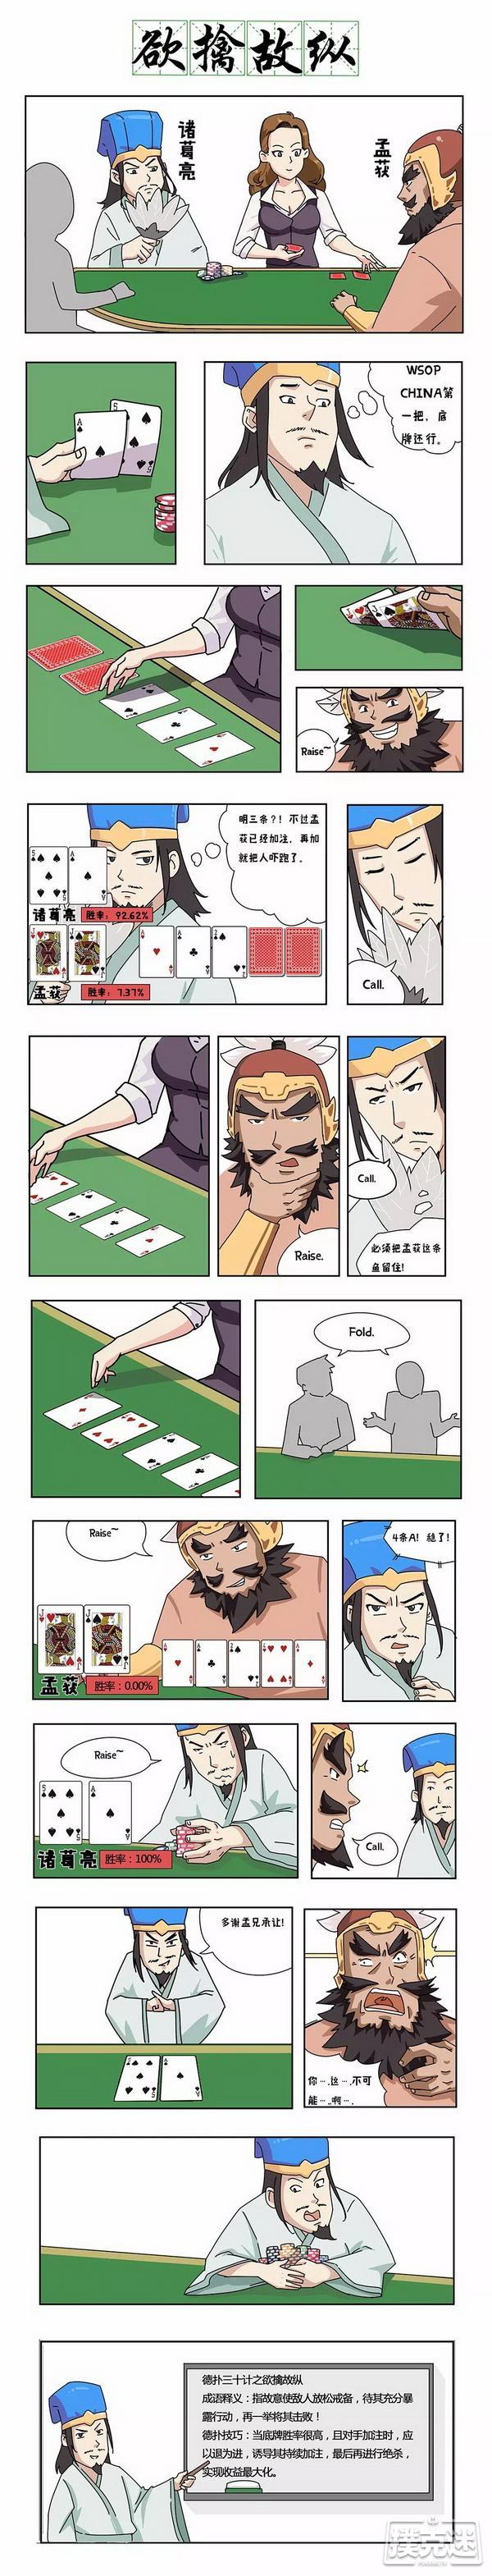 蜗牛扑克:原来诸葛亮也玩德扑?性感军师在线教学啦